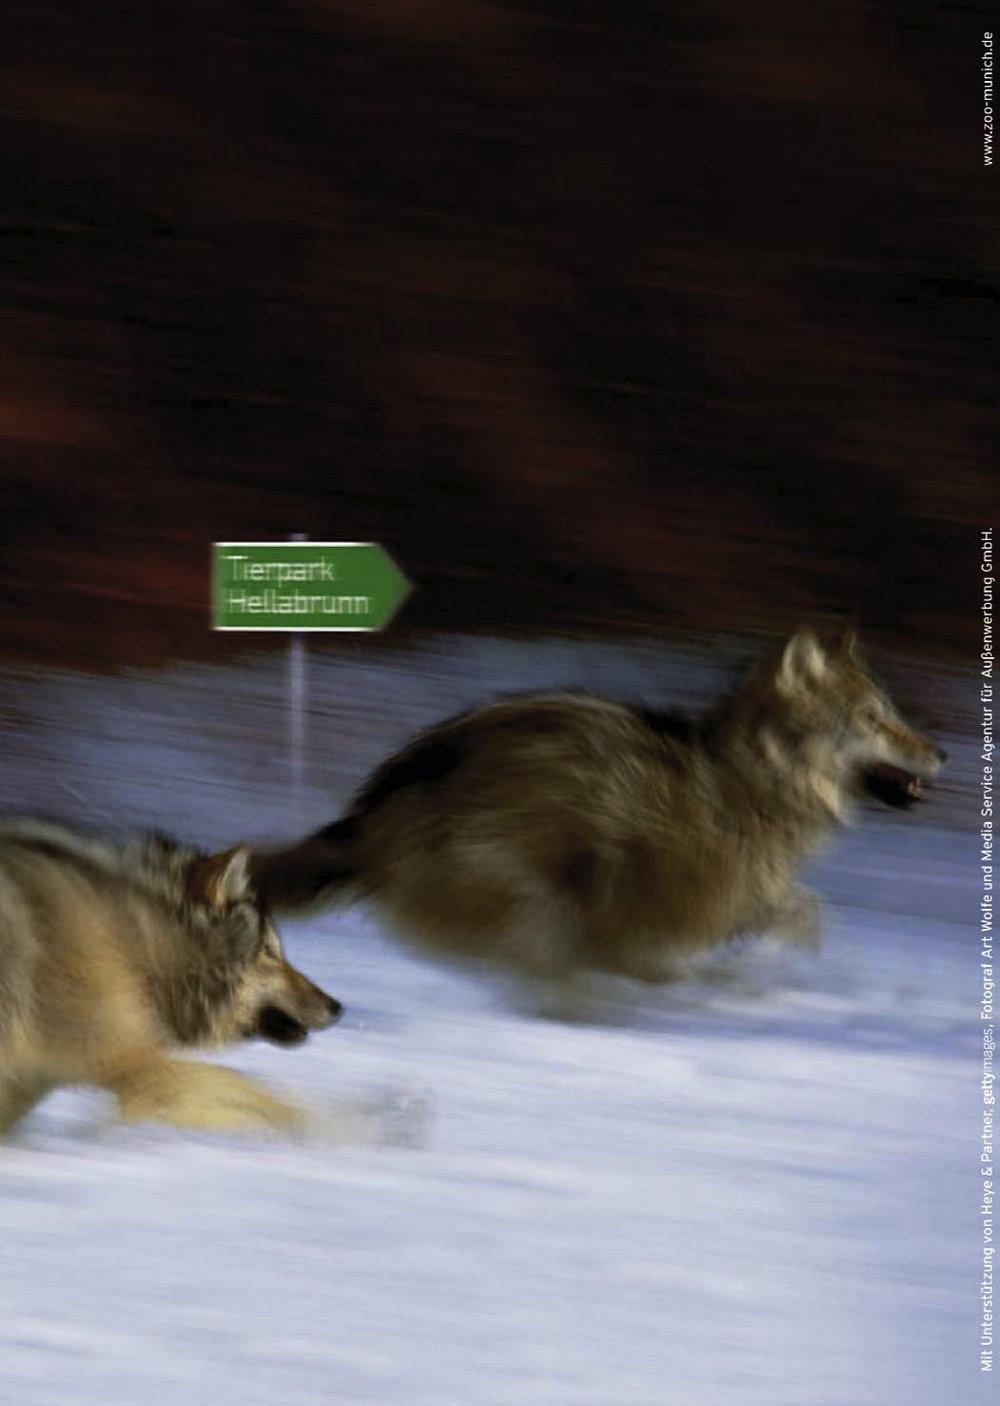 Tierpark Hellabrunn - Plakat Wölfe - Wegweiser